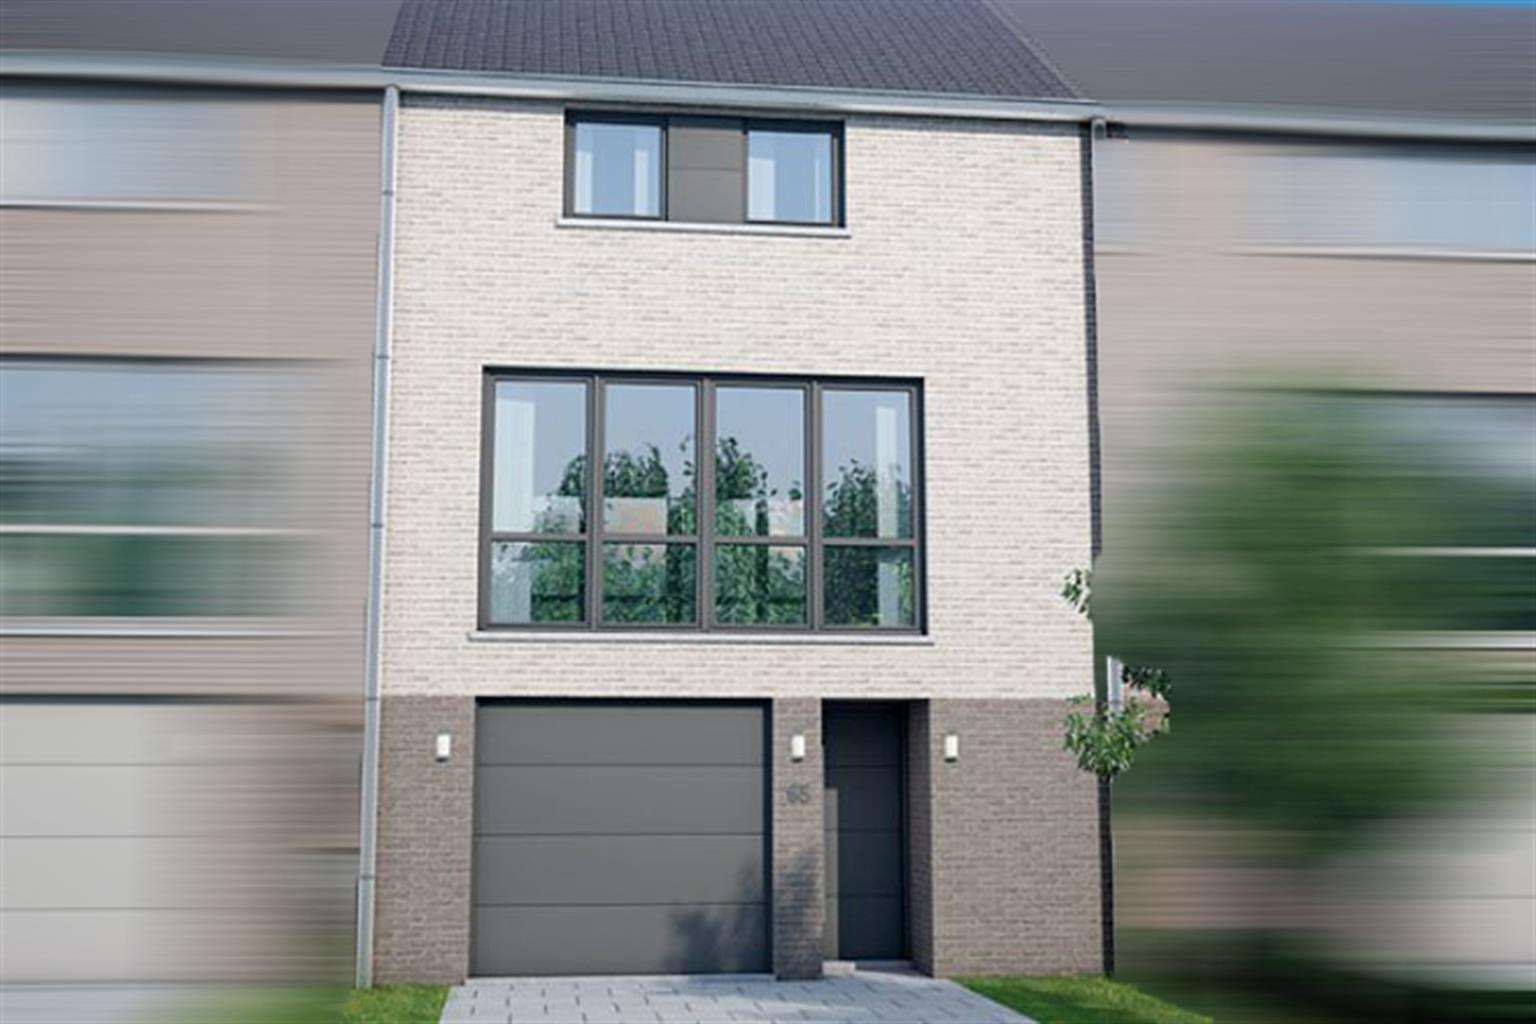 maisons dans le centre de Braine-le-Comte - Braine-le-Comte - #4082169-0